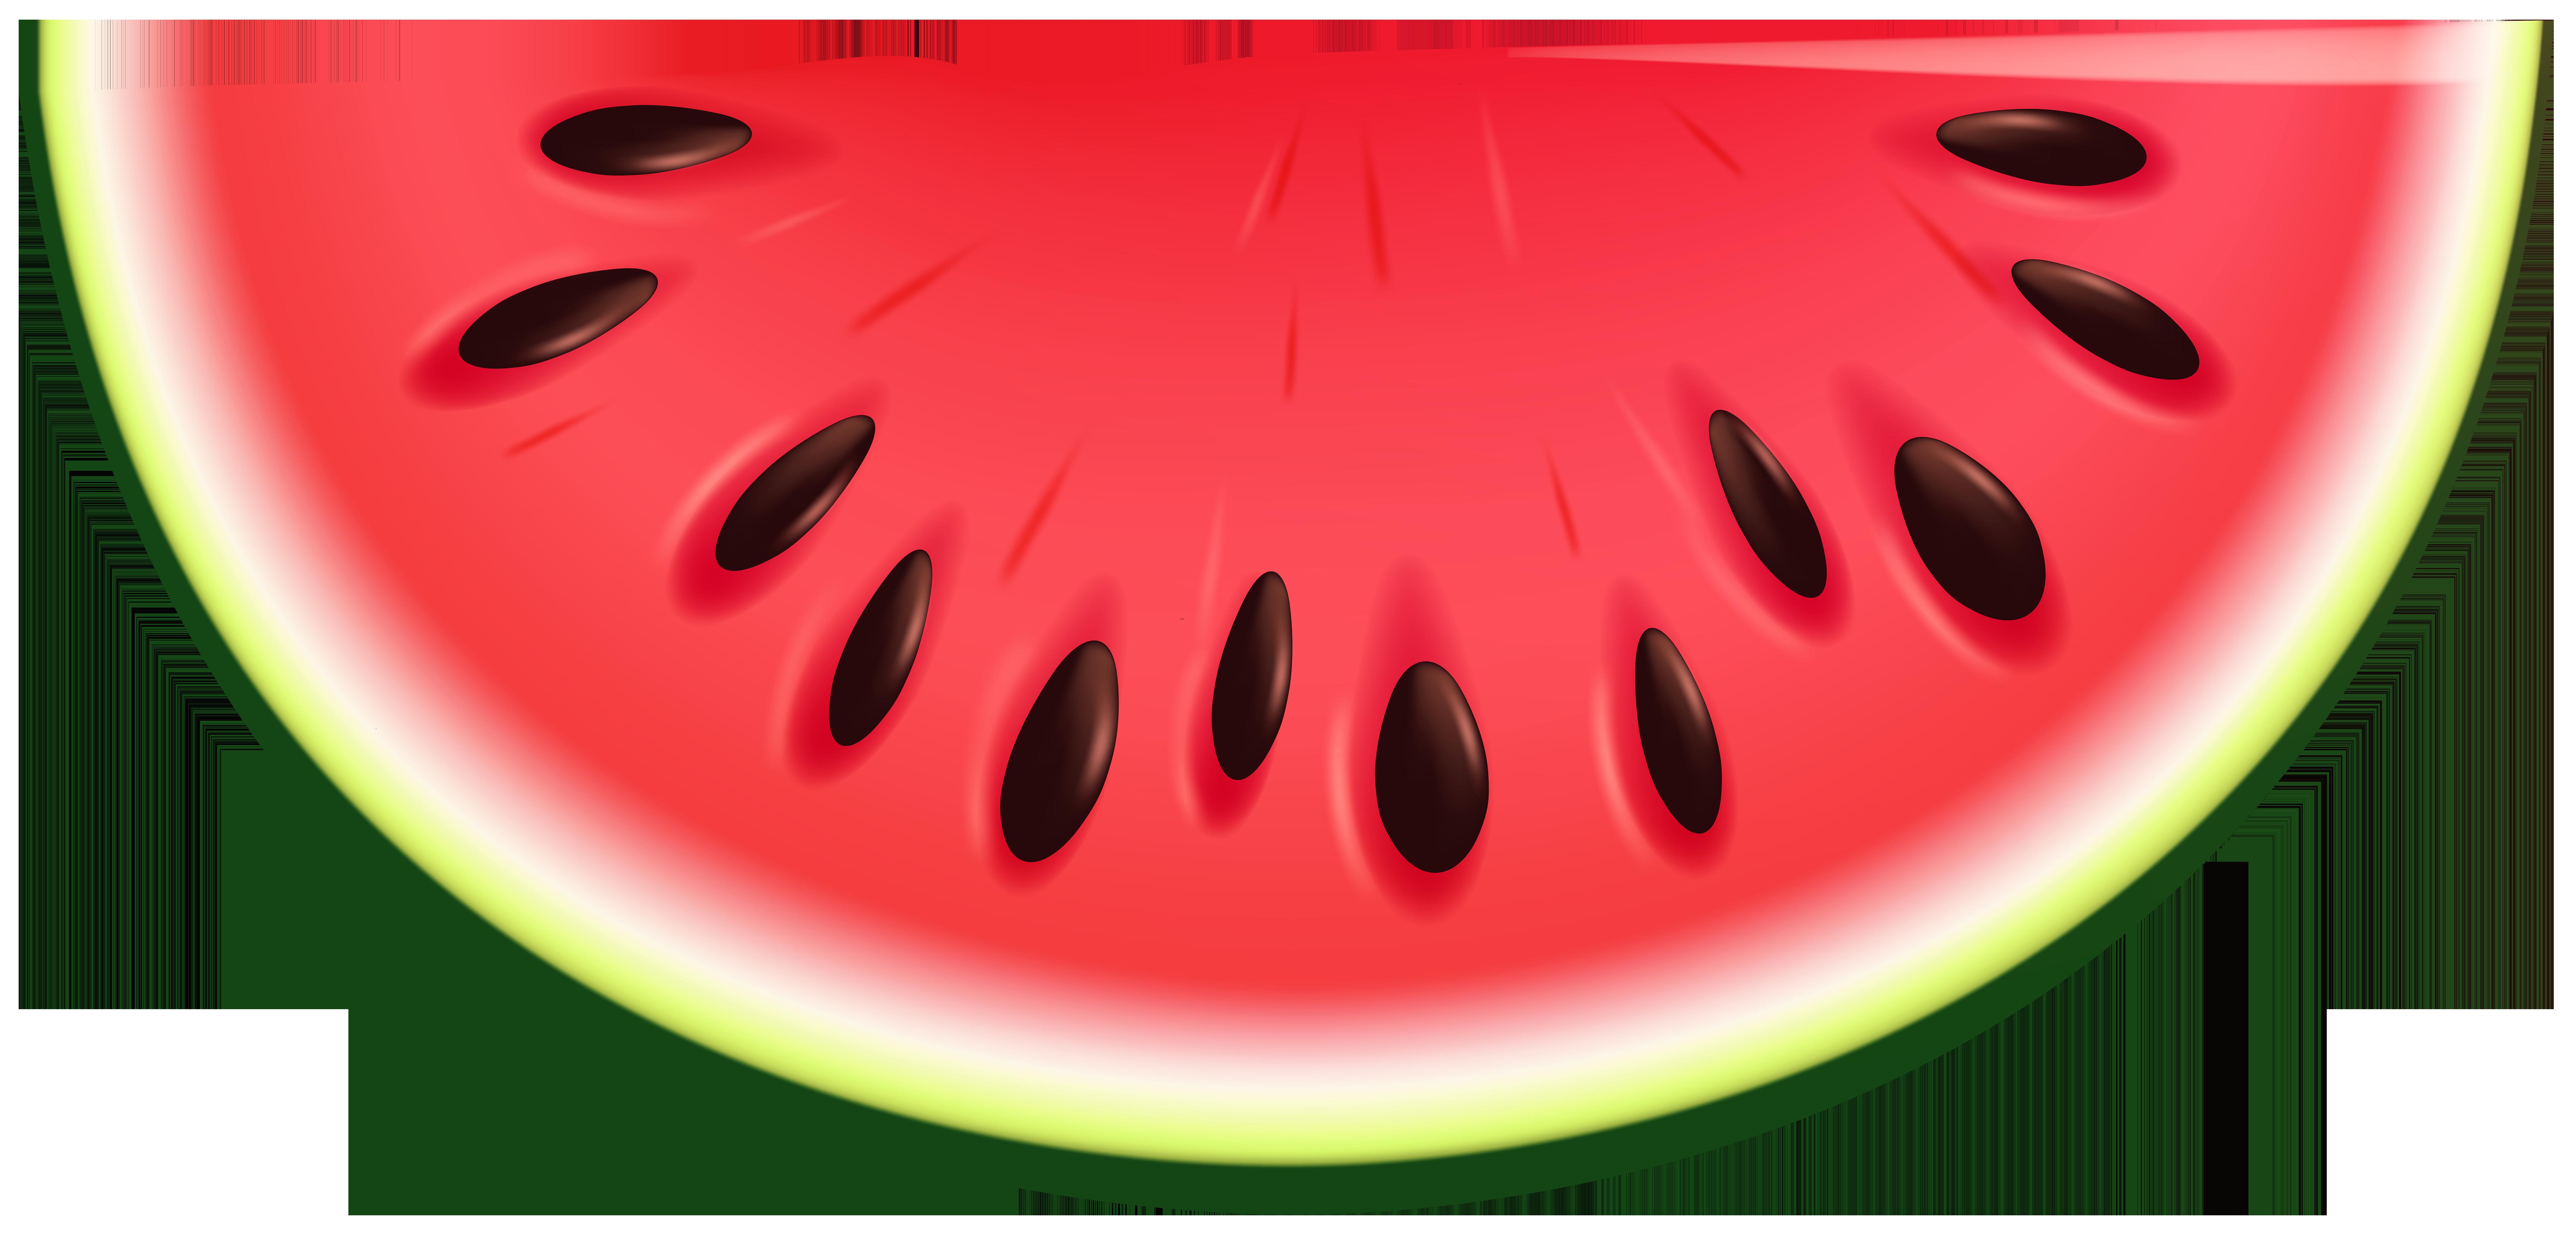 Png clip art image. Watermelon clipart